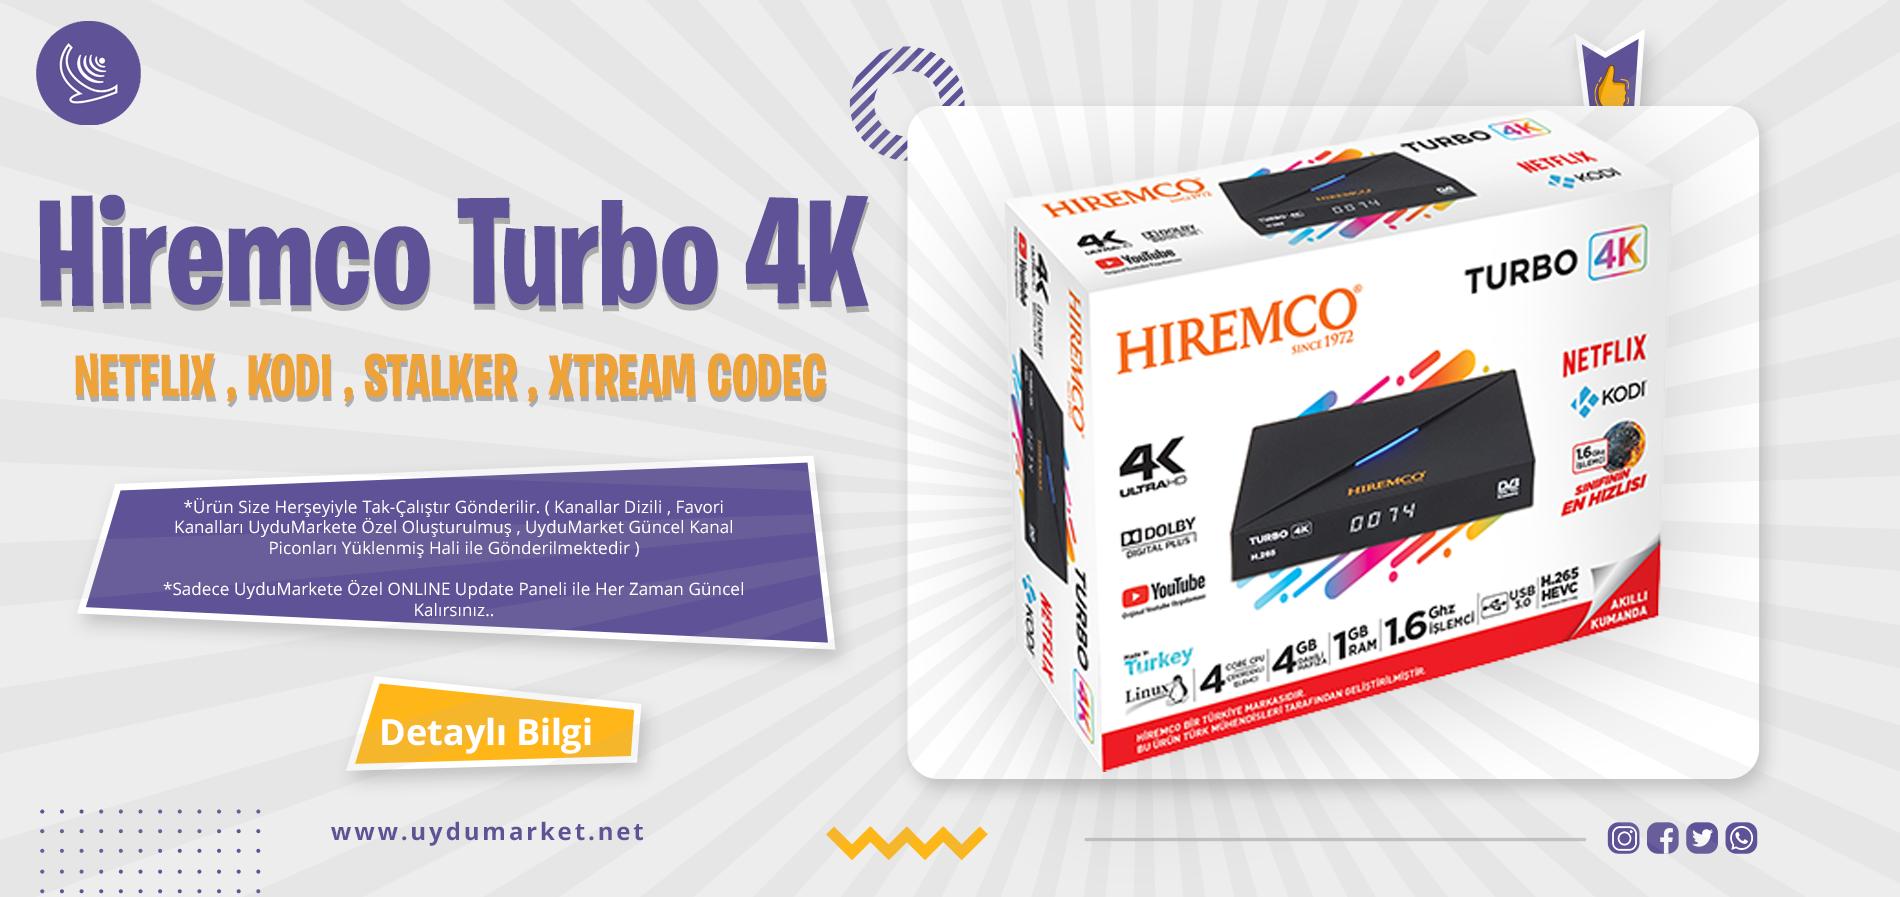 HiremcoTurbo4K